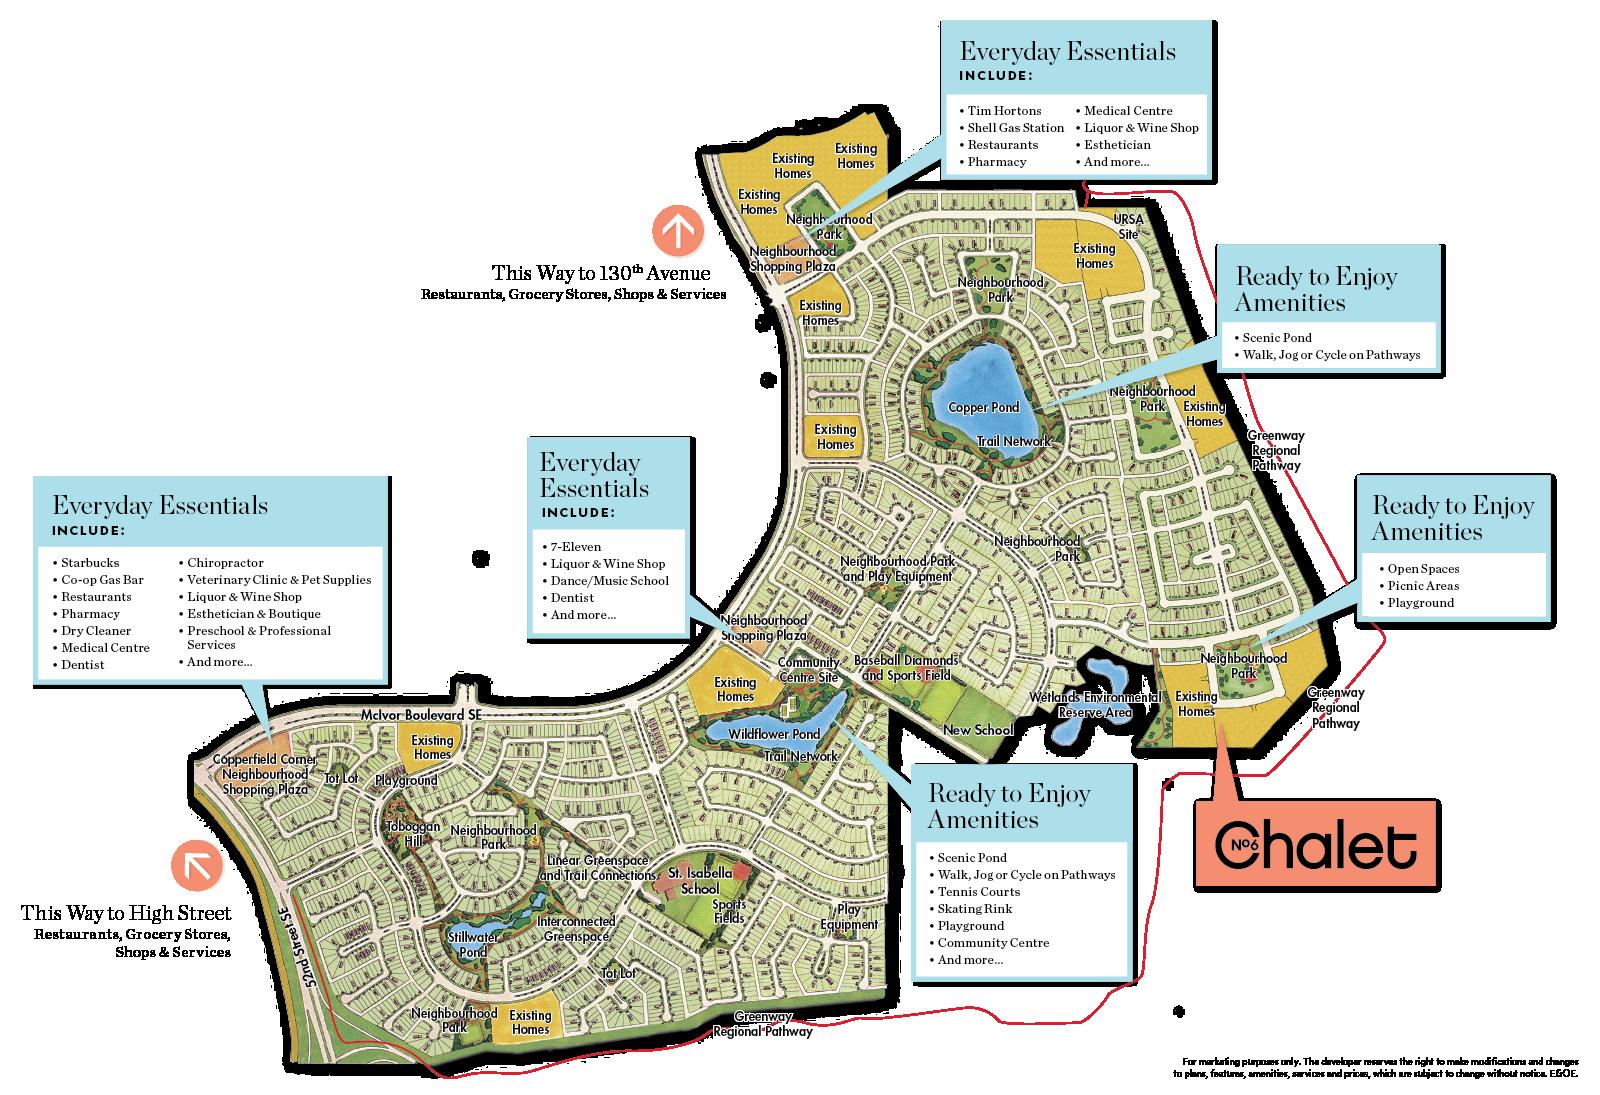 hopewell_CFchalet_amenitiesmap-web_2018.04.03.png